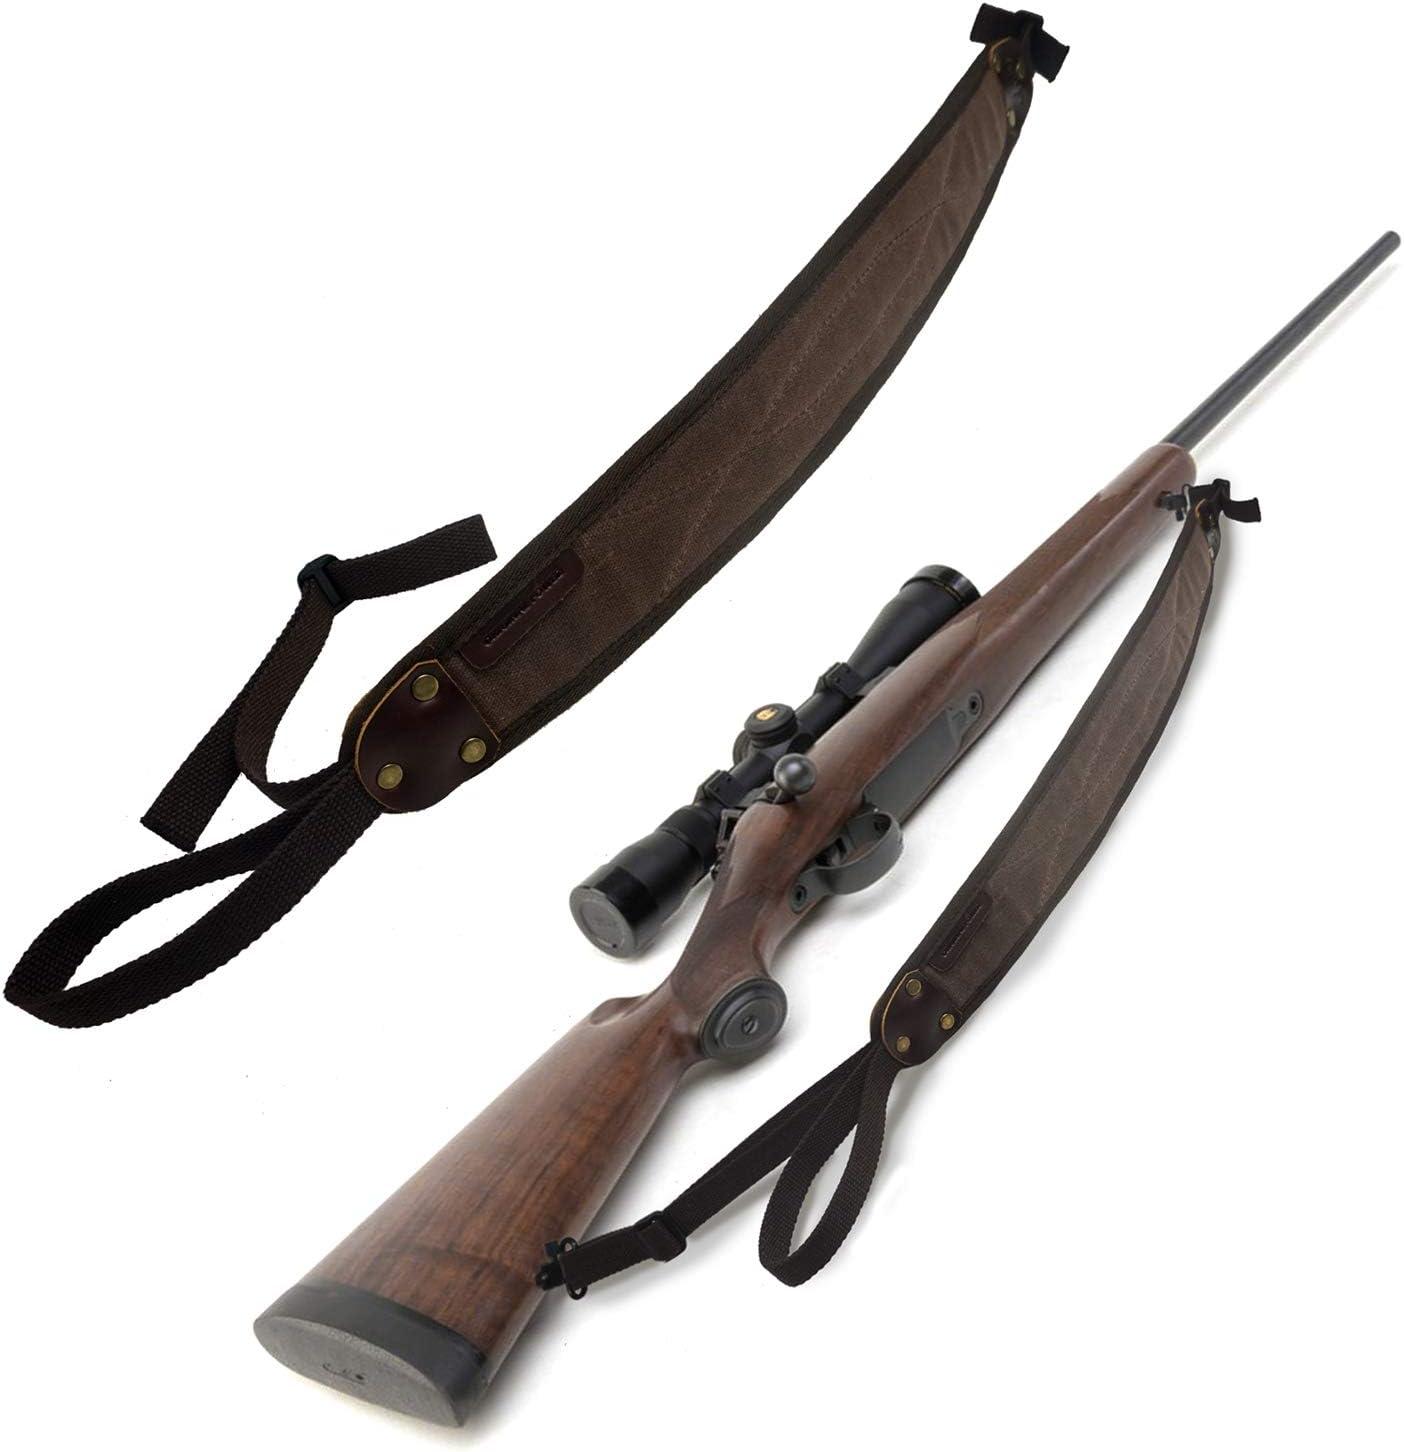 Original Power Correas de Pistola de Escopeta de Lona duraderas, Honda de Rifle de Cuero Real, con giratorios de desmontaje rápido de 1